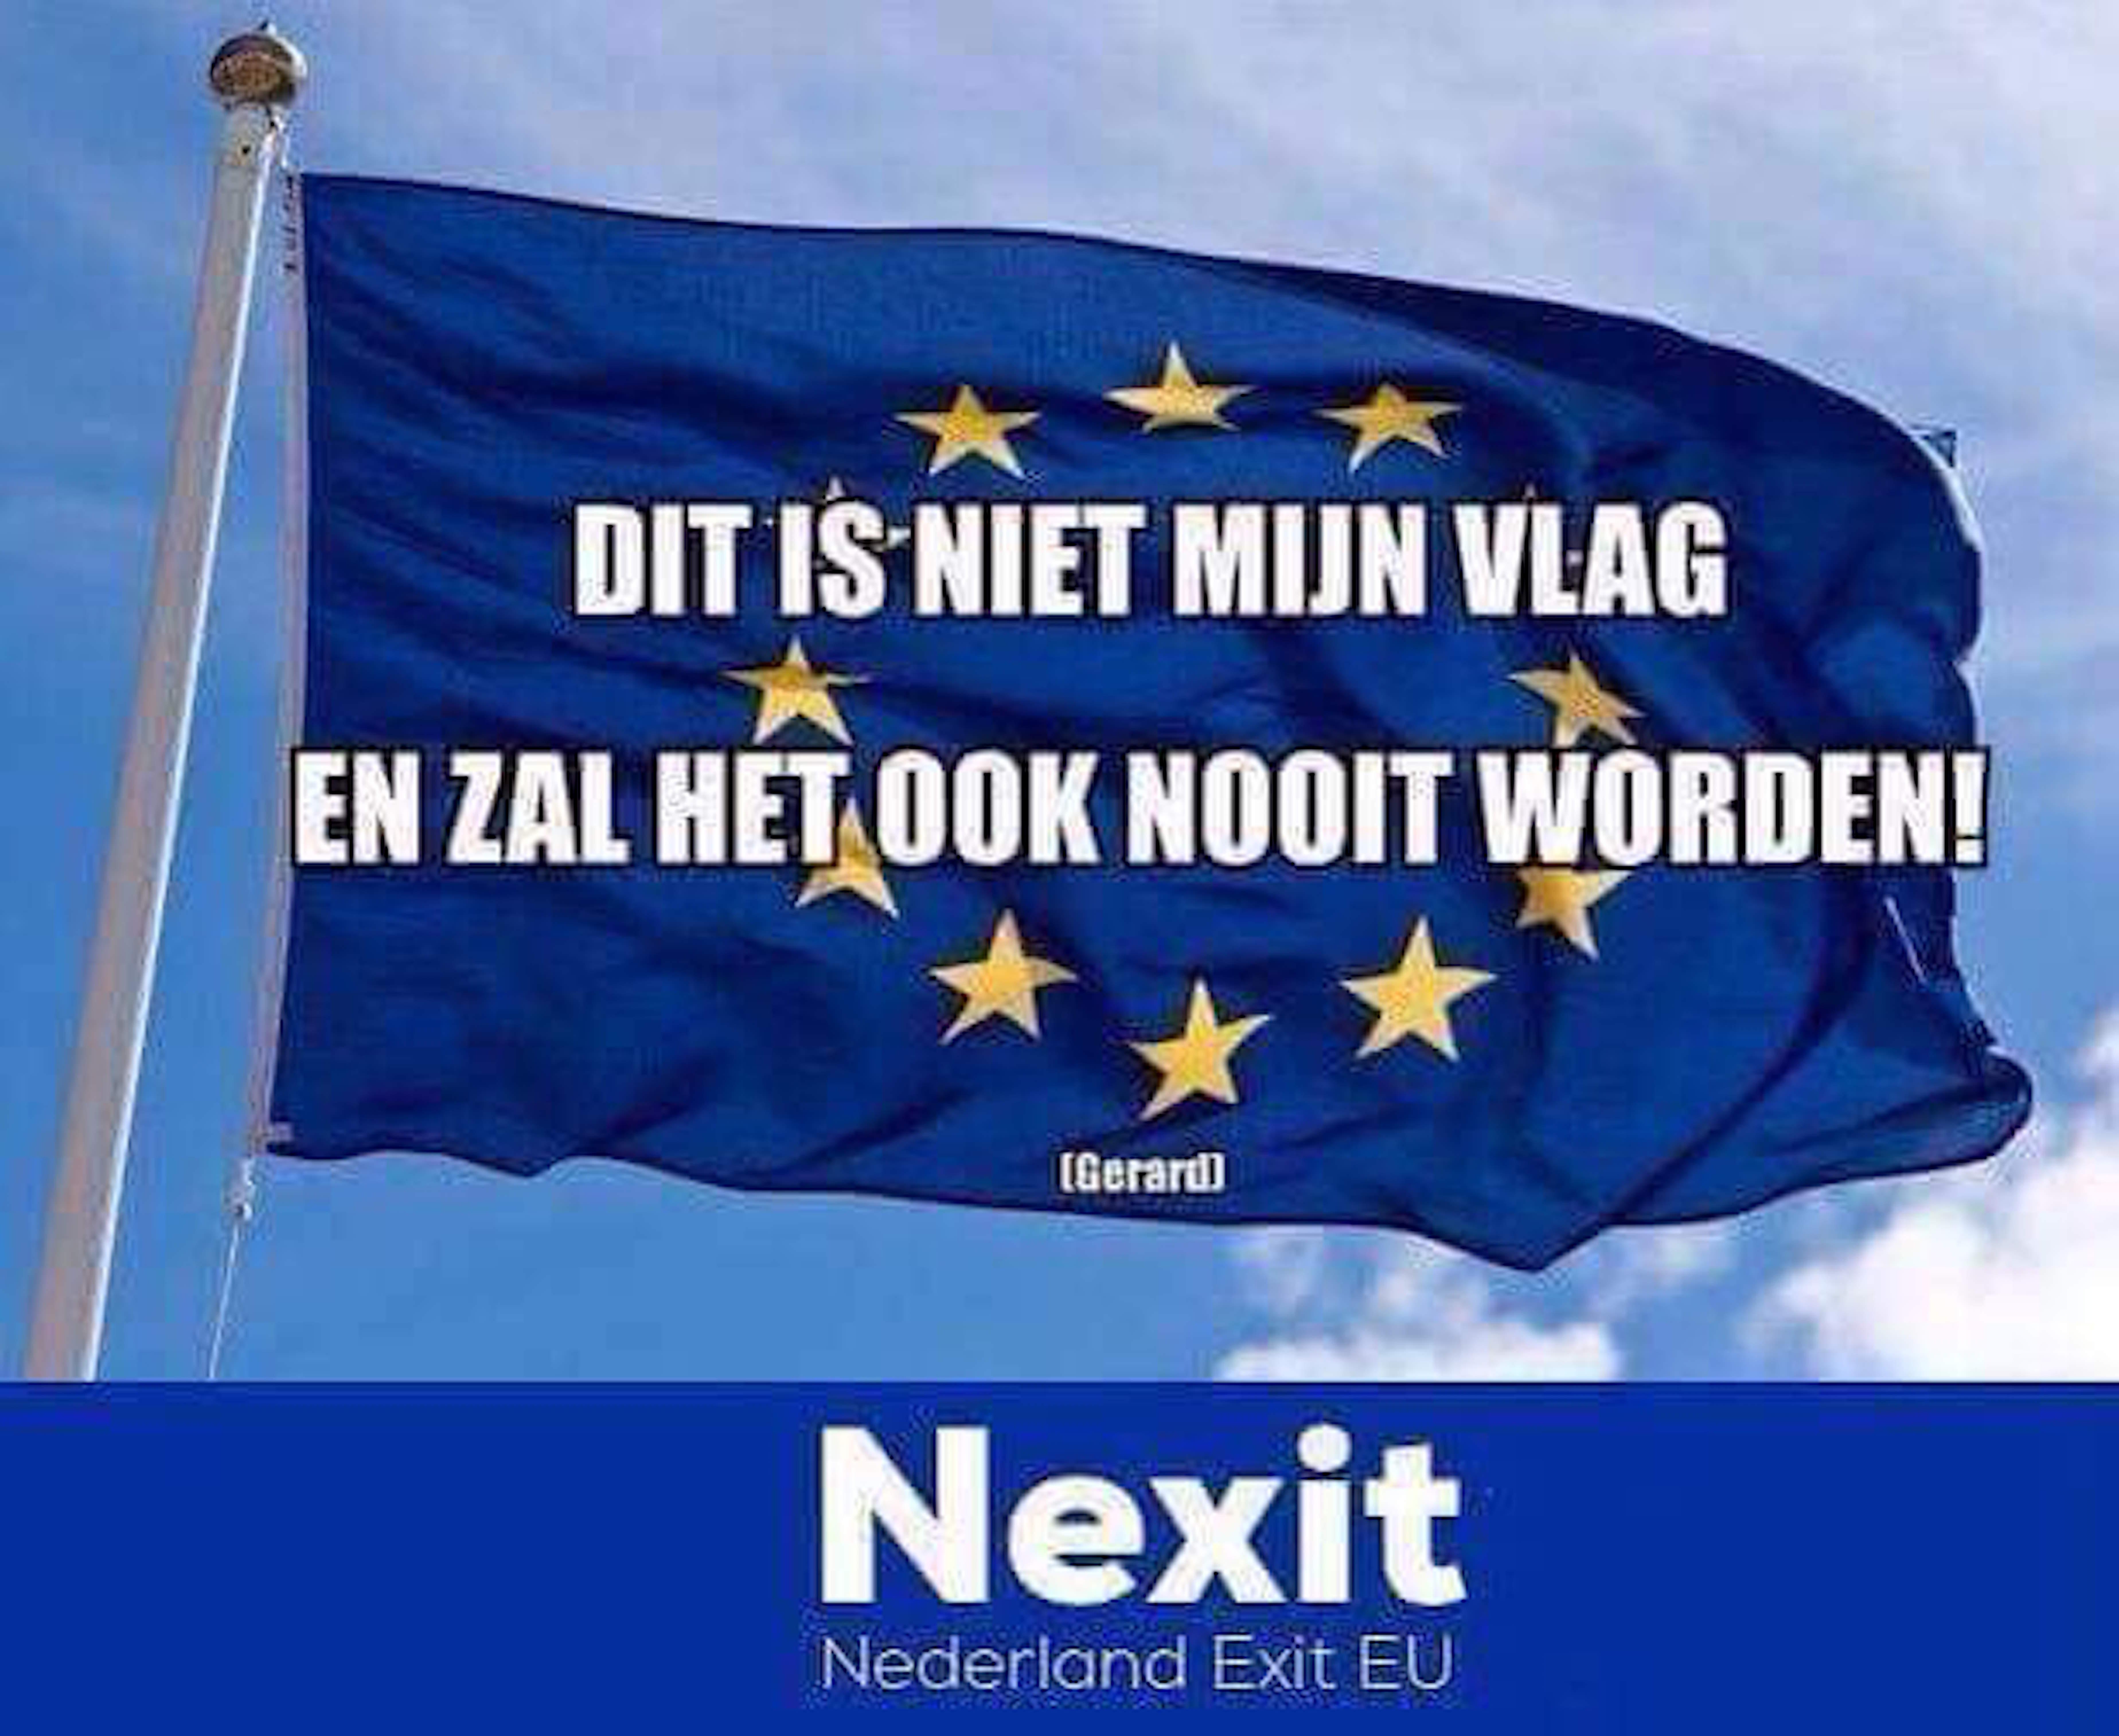 Nexit Nederland ExIT EU   DIT IS NIET MIJN VLAG EN ZAL HET OOK NOOIT WORDEN (foto Twitter)